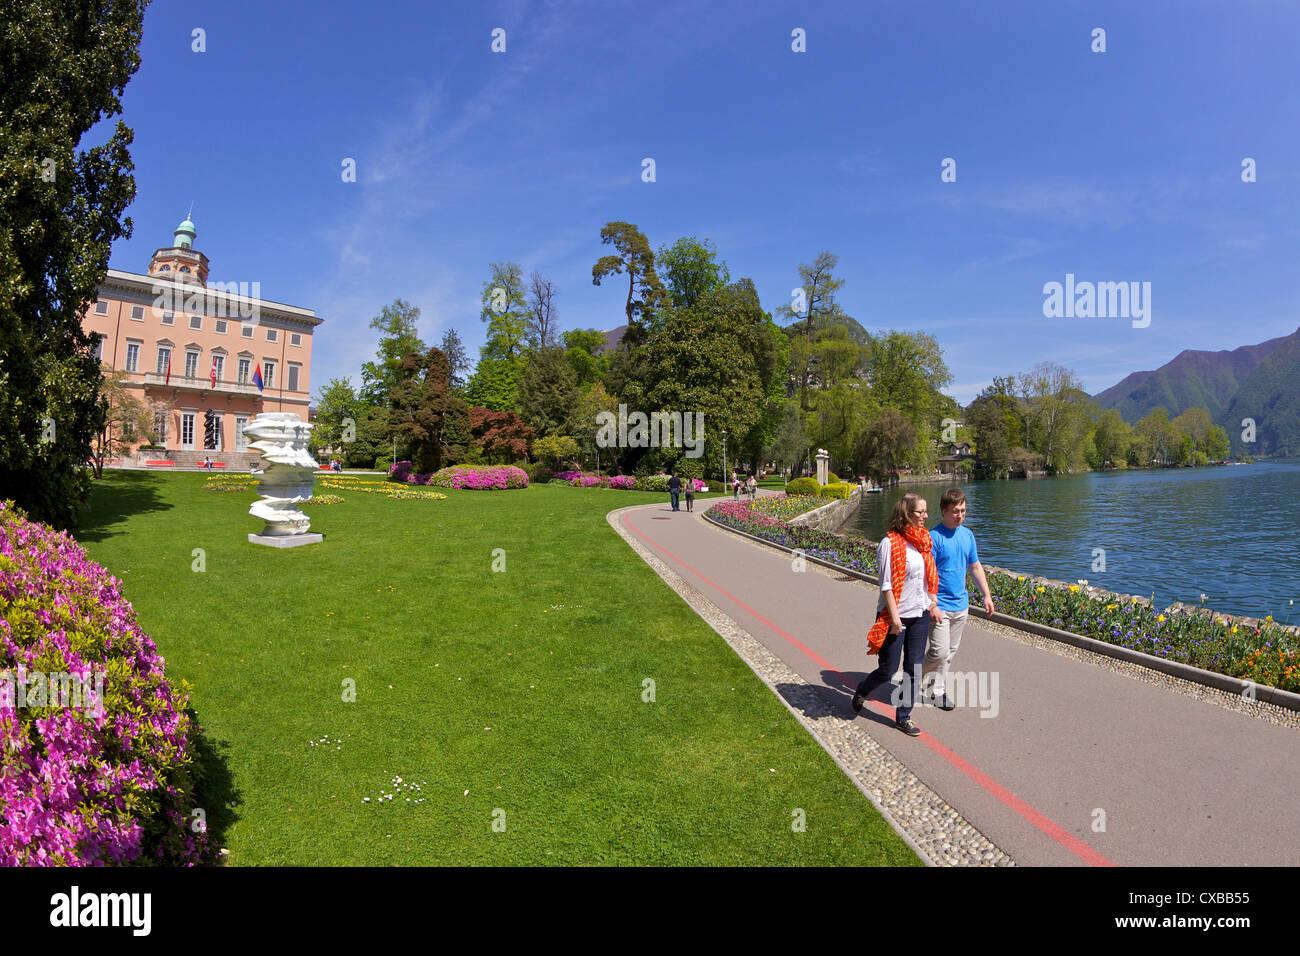 View of Villa Ciani from Parco Civico, Lugano, Lake Lugano, Ticino, Switzerland, Europe - Stock Image